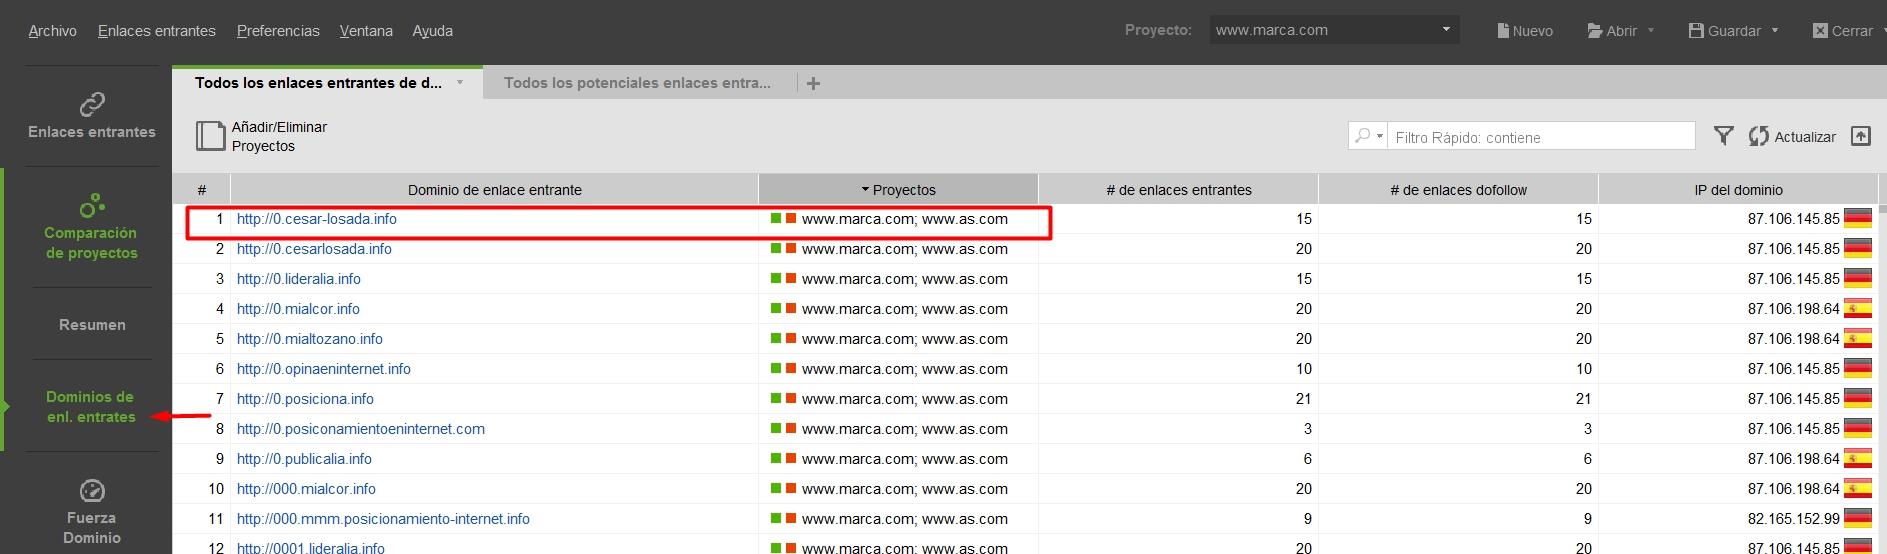 Comparar perfil de enlaces competidor en Bing